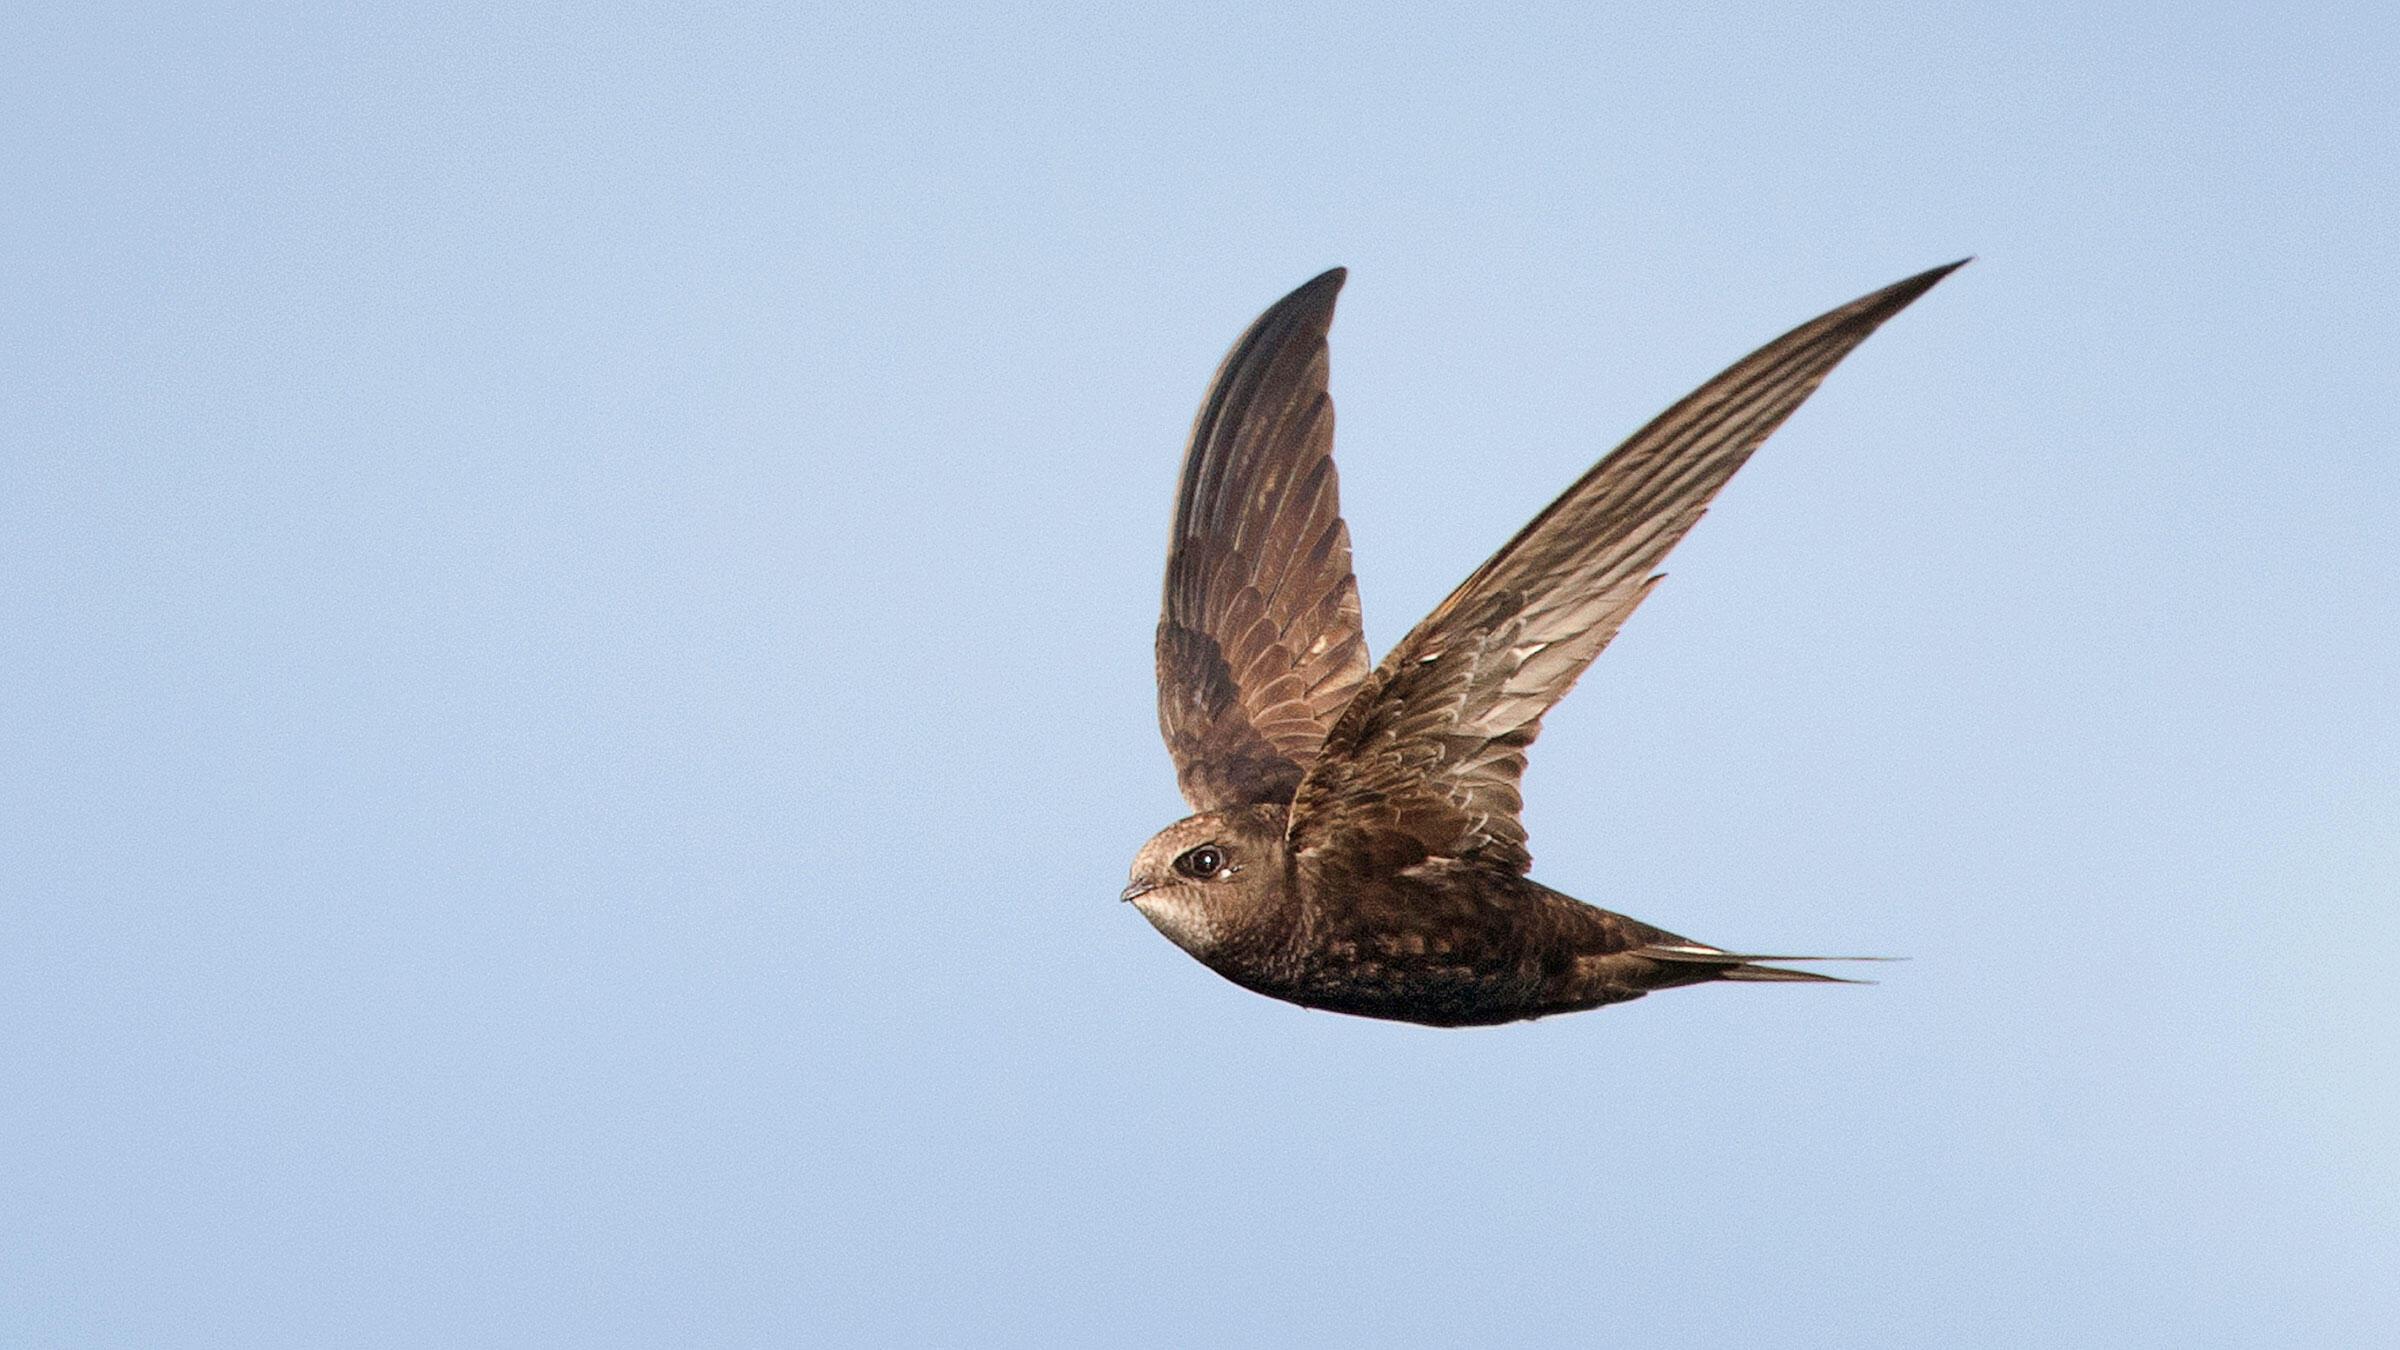 Common Swift. Marcel van Kammen/Minden Pictures